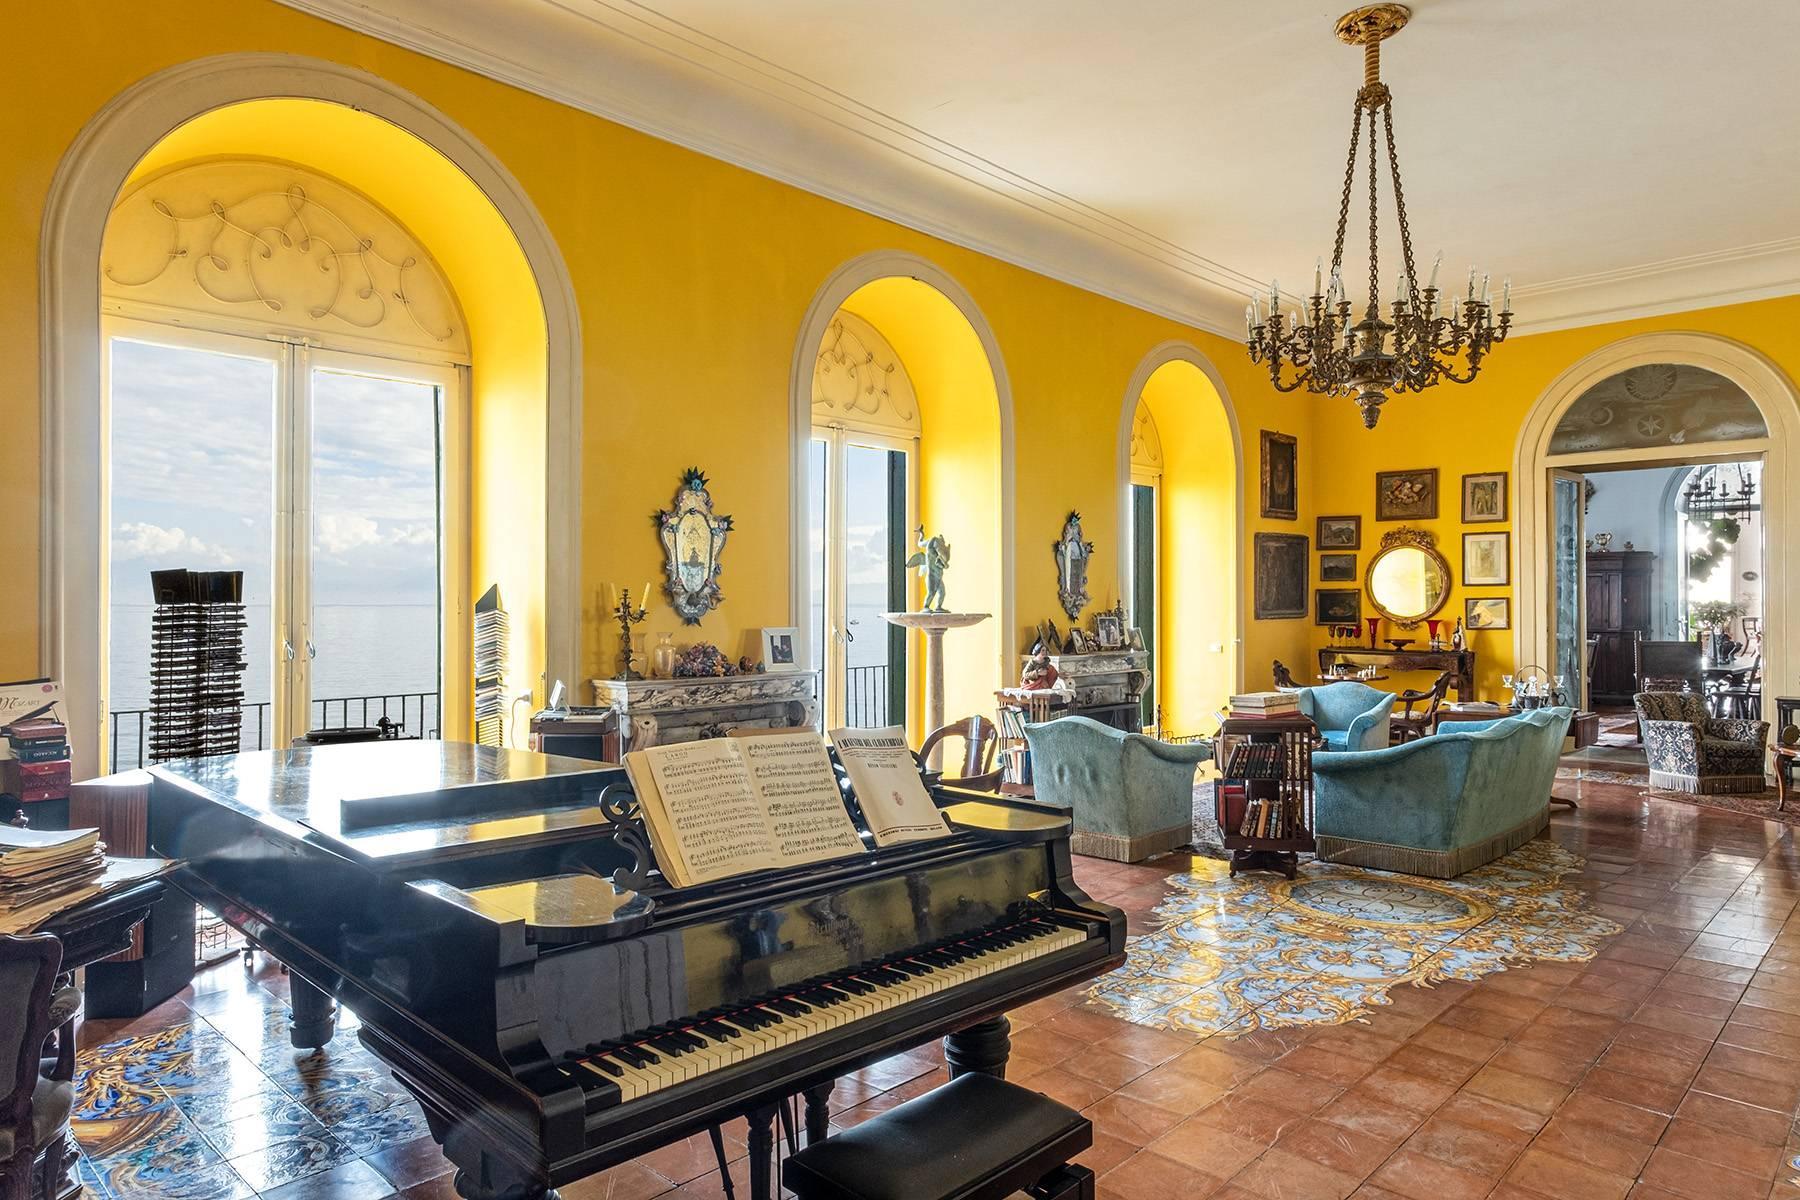 Первая линия моря! Потрясающие апартаменты в старинной вилле в Неаполе, Италия - 13